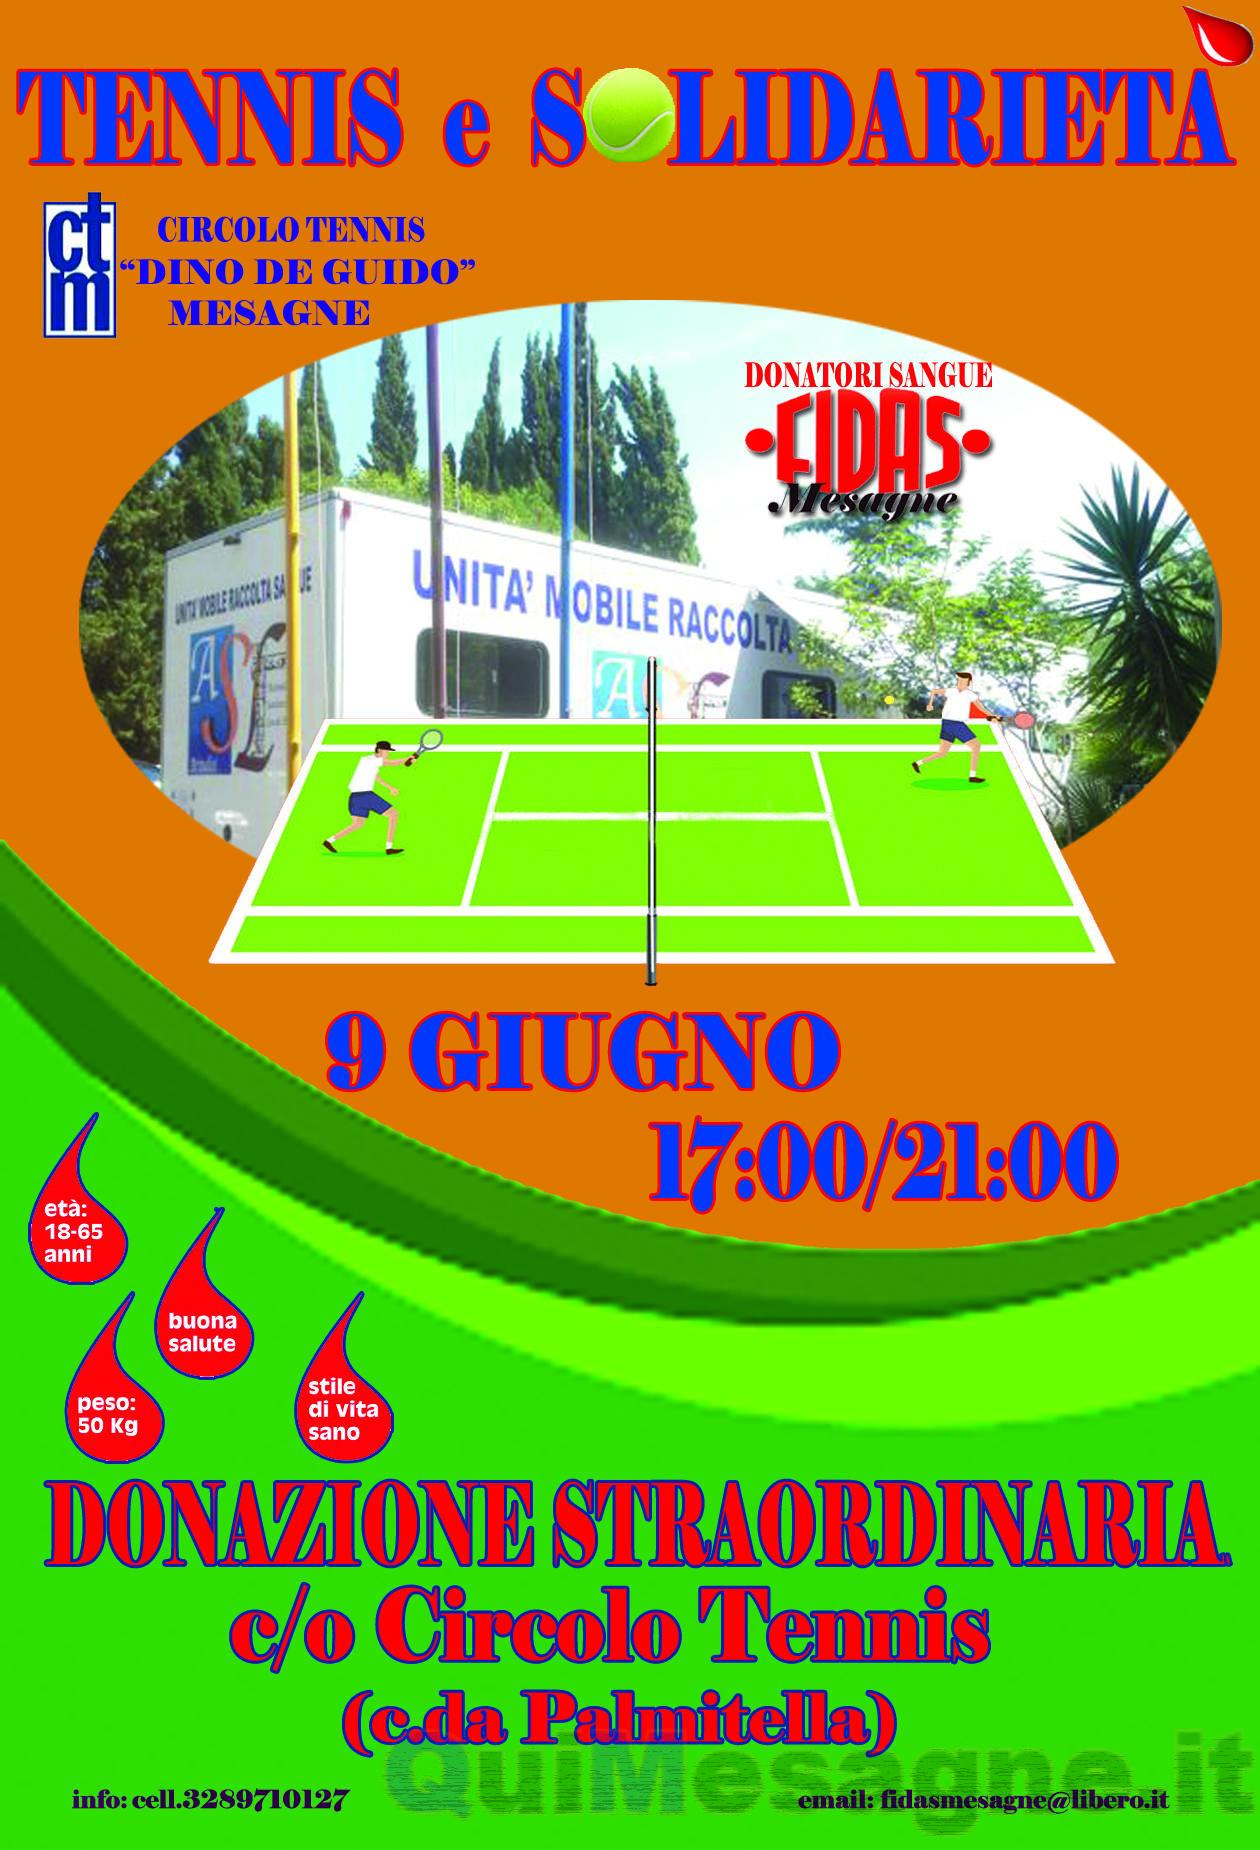 Tennis e solidarietà a sostegno della FIDAS per la donazione di sangue